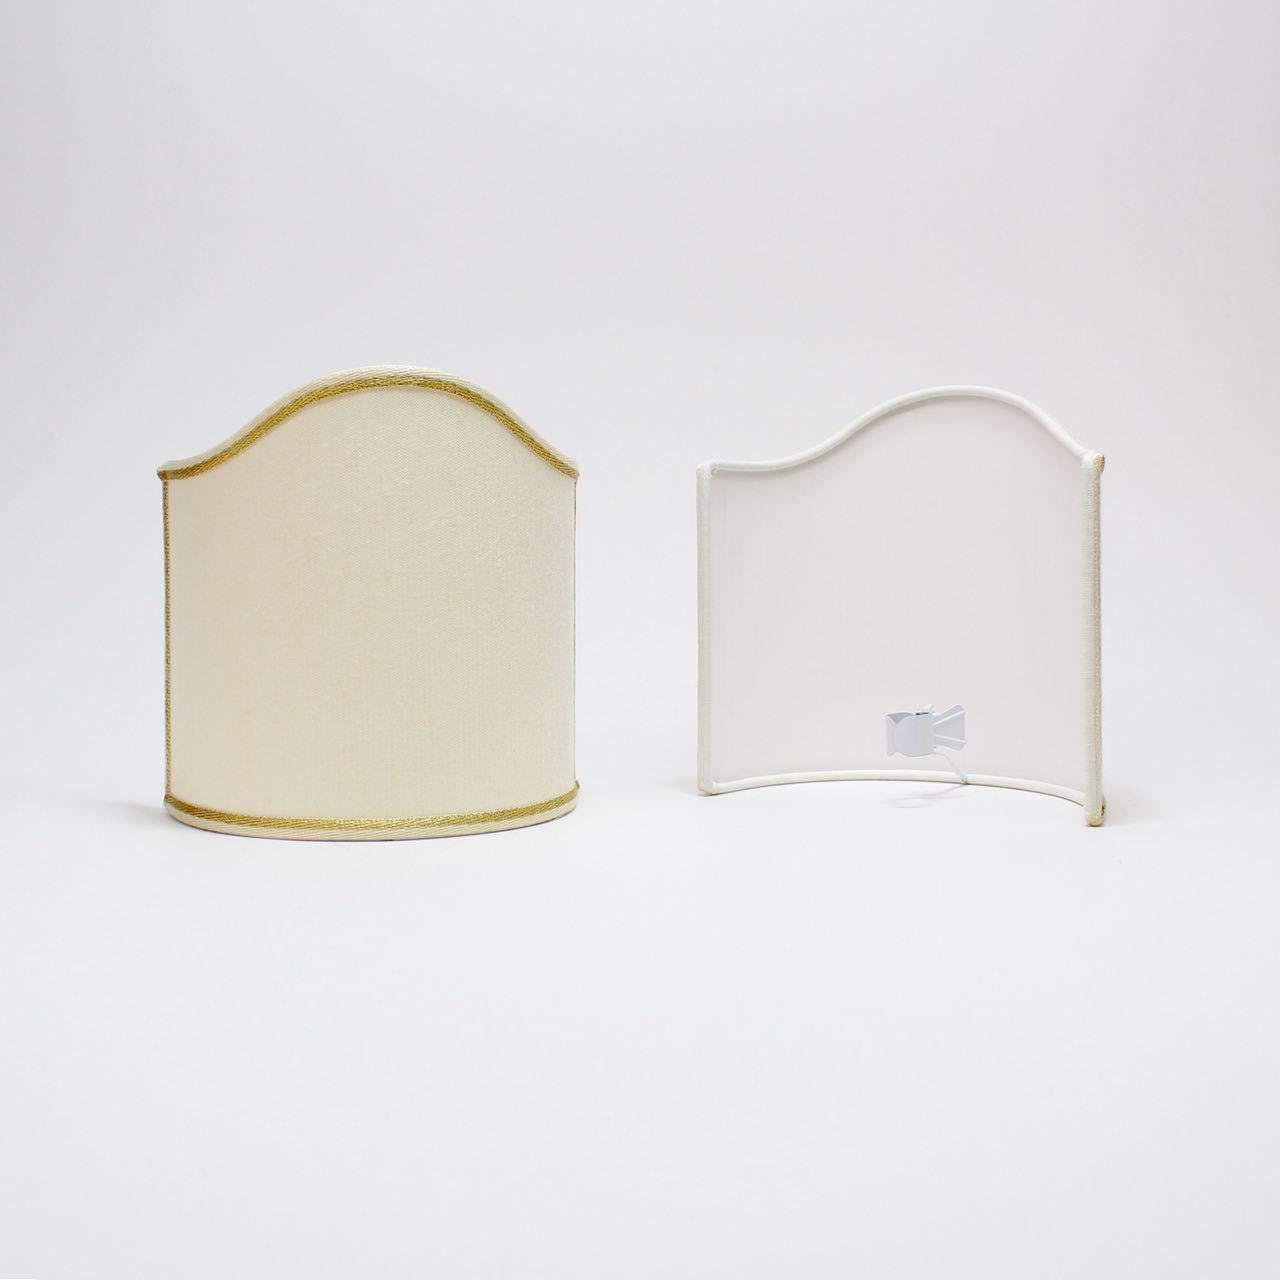 Horus Paralumi - Paralume Ventola 12 cm Mezzo Tondo Vela per Applique, lampadario con Attacco a Pinza, Shantung Avorio, Made in Italy